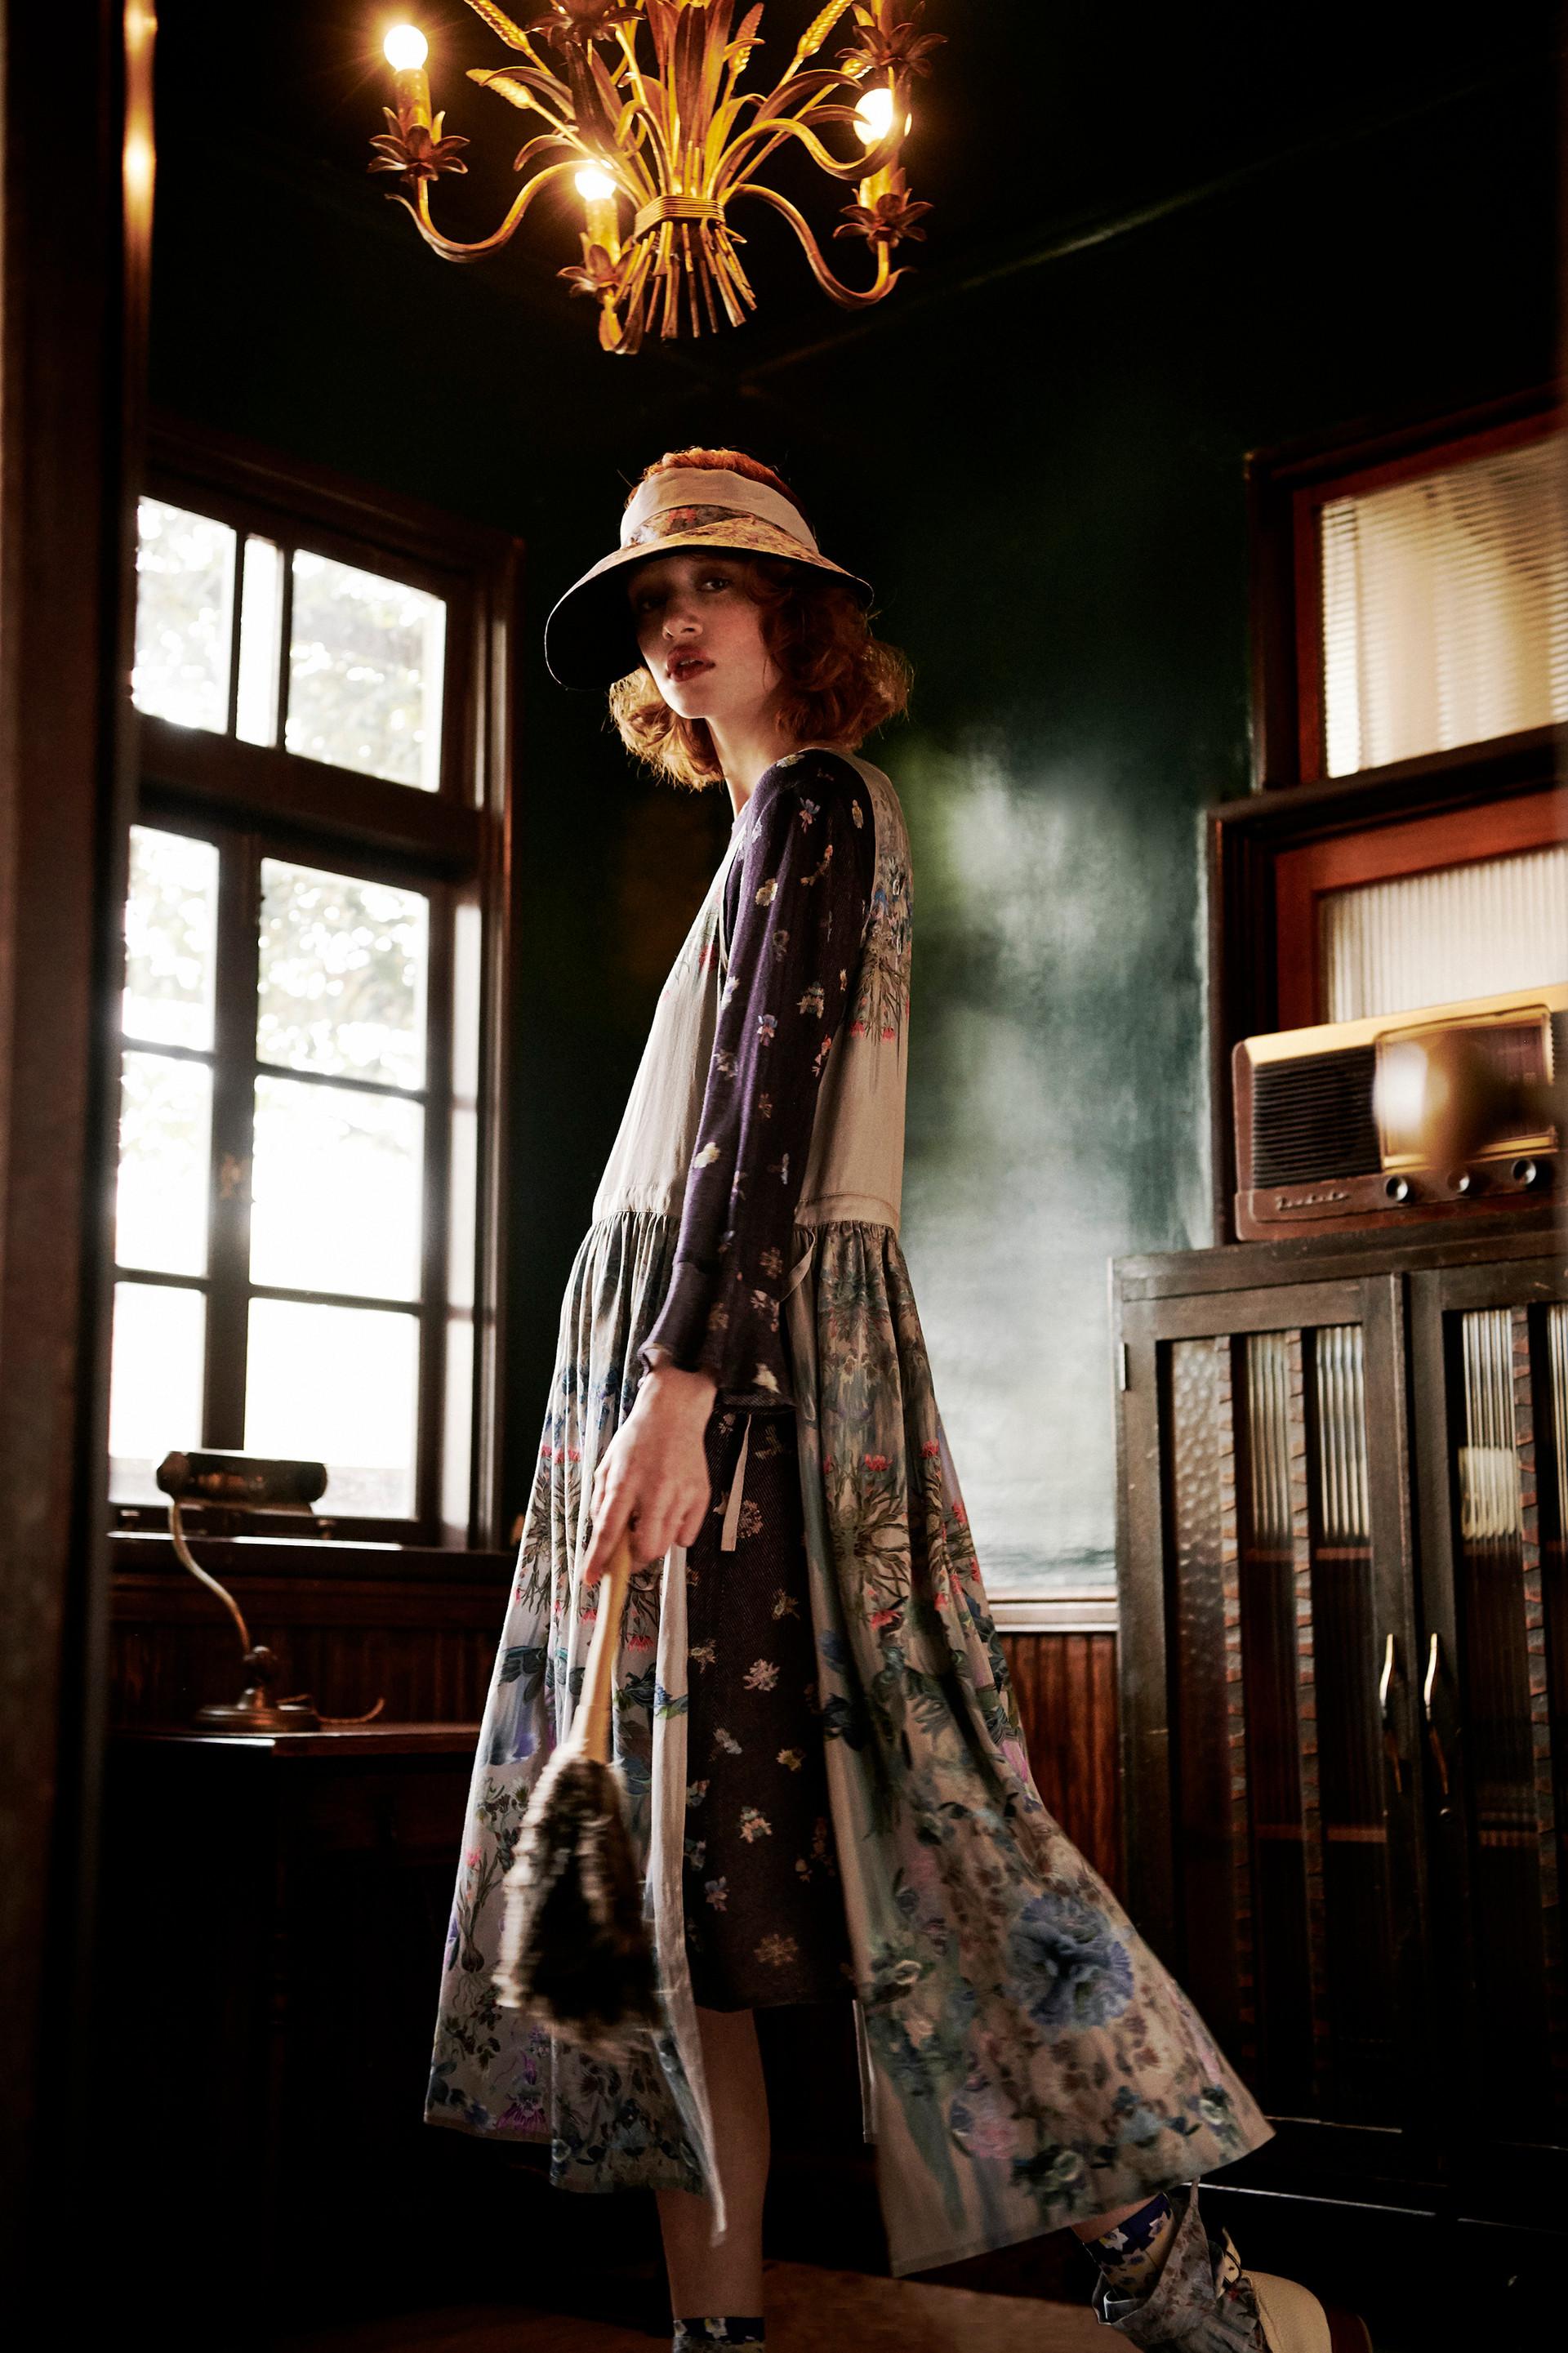 Keiko Nishiyama Dusty pink apron dress